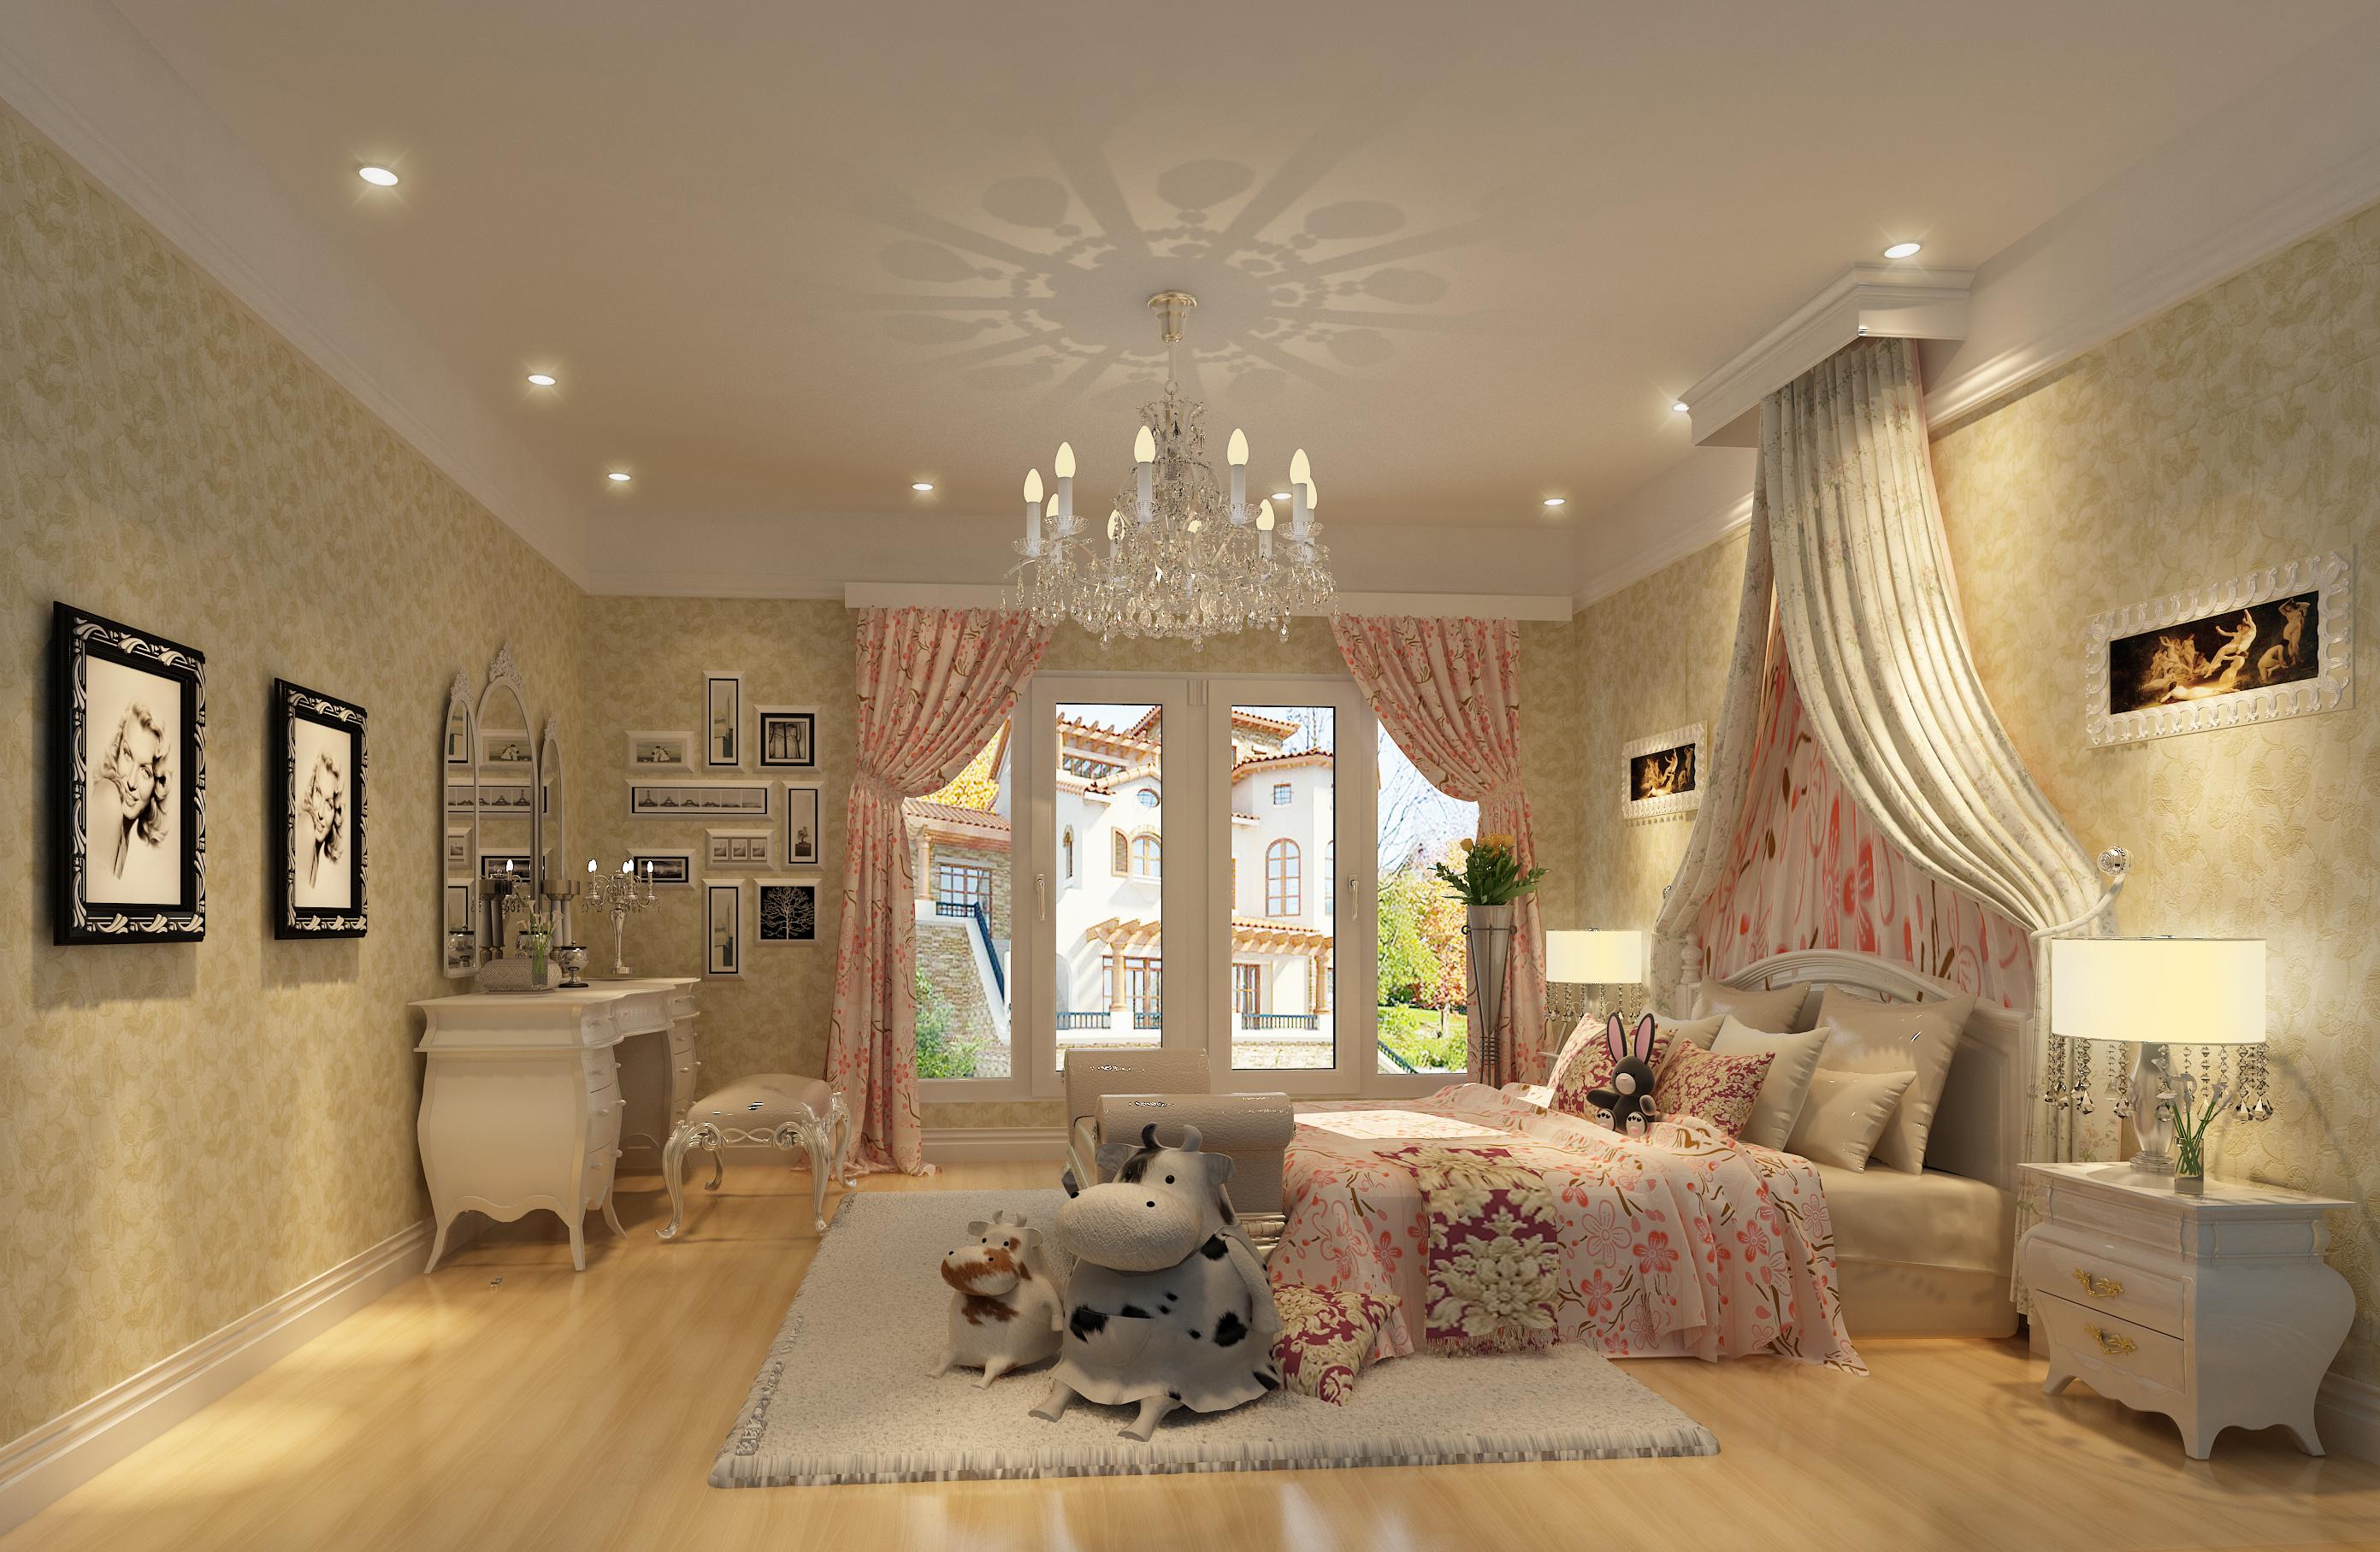 室内效果图|空间|室内设计|leeawliet - 原创作品图片